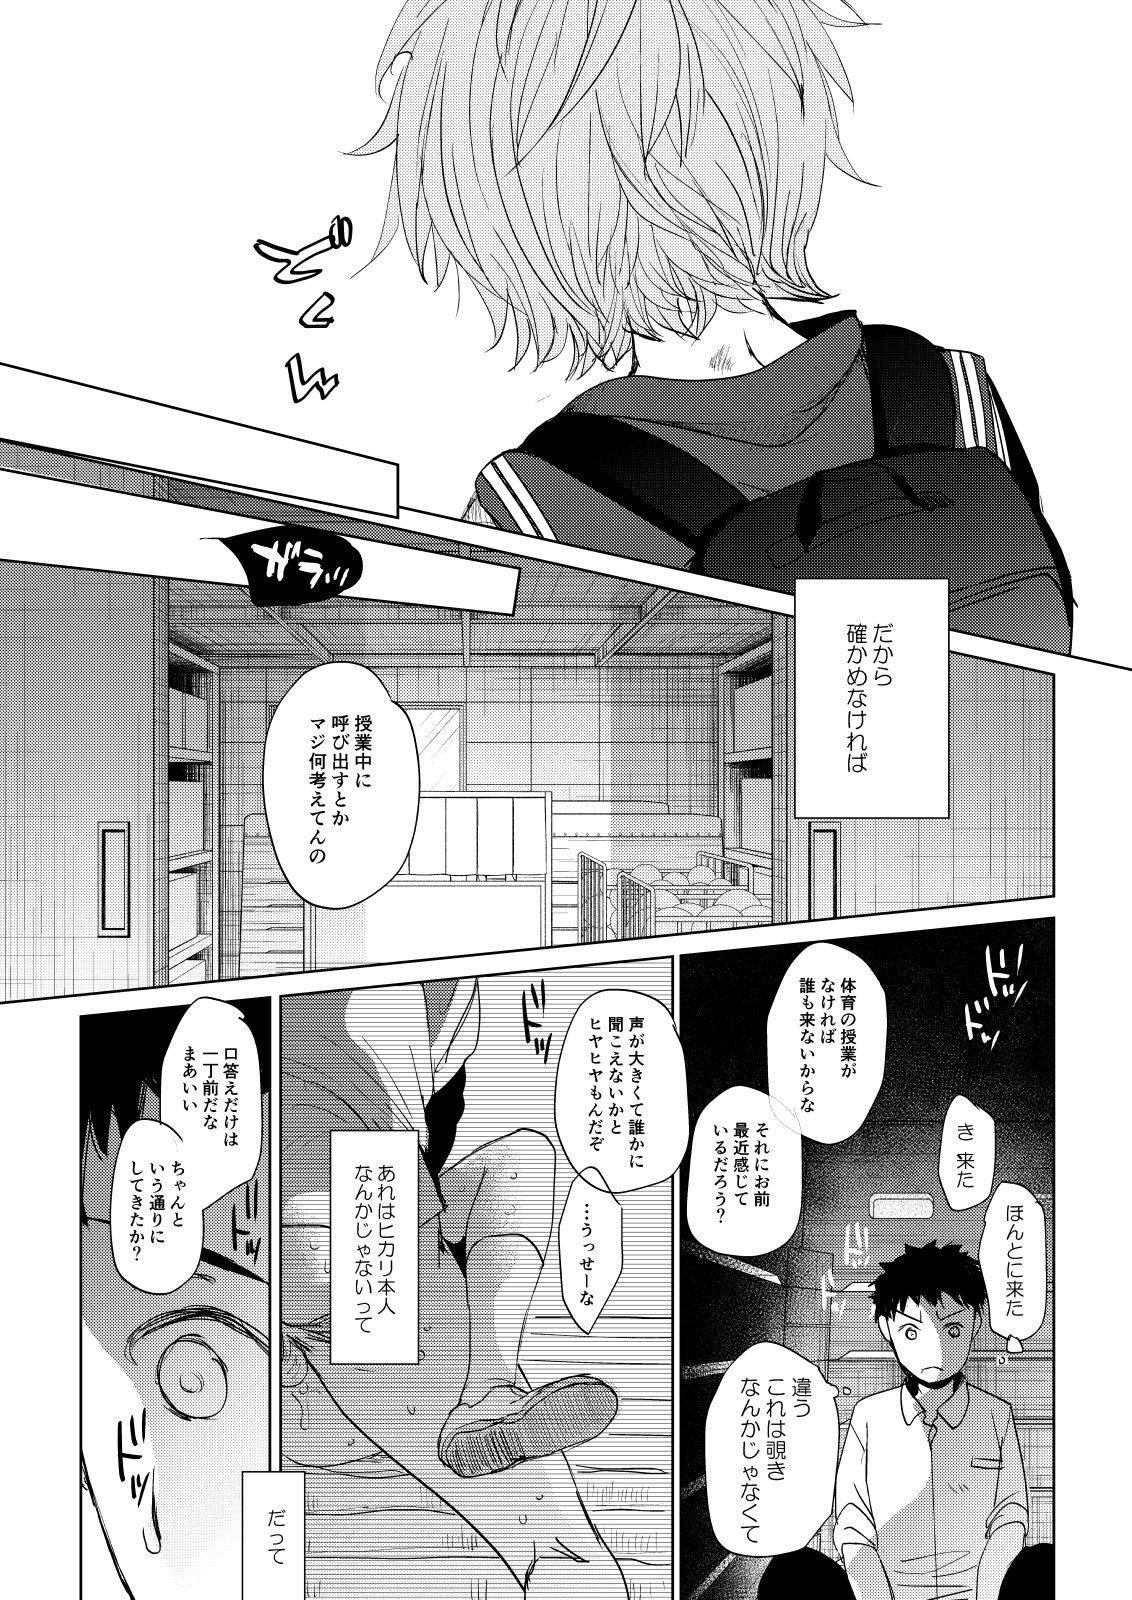 Ore no Himitsu Kichi 12